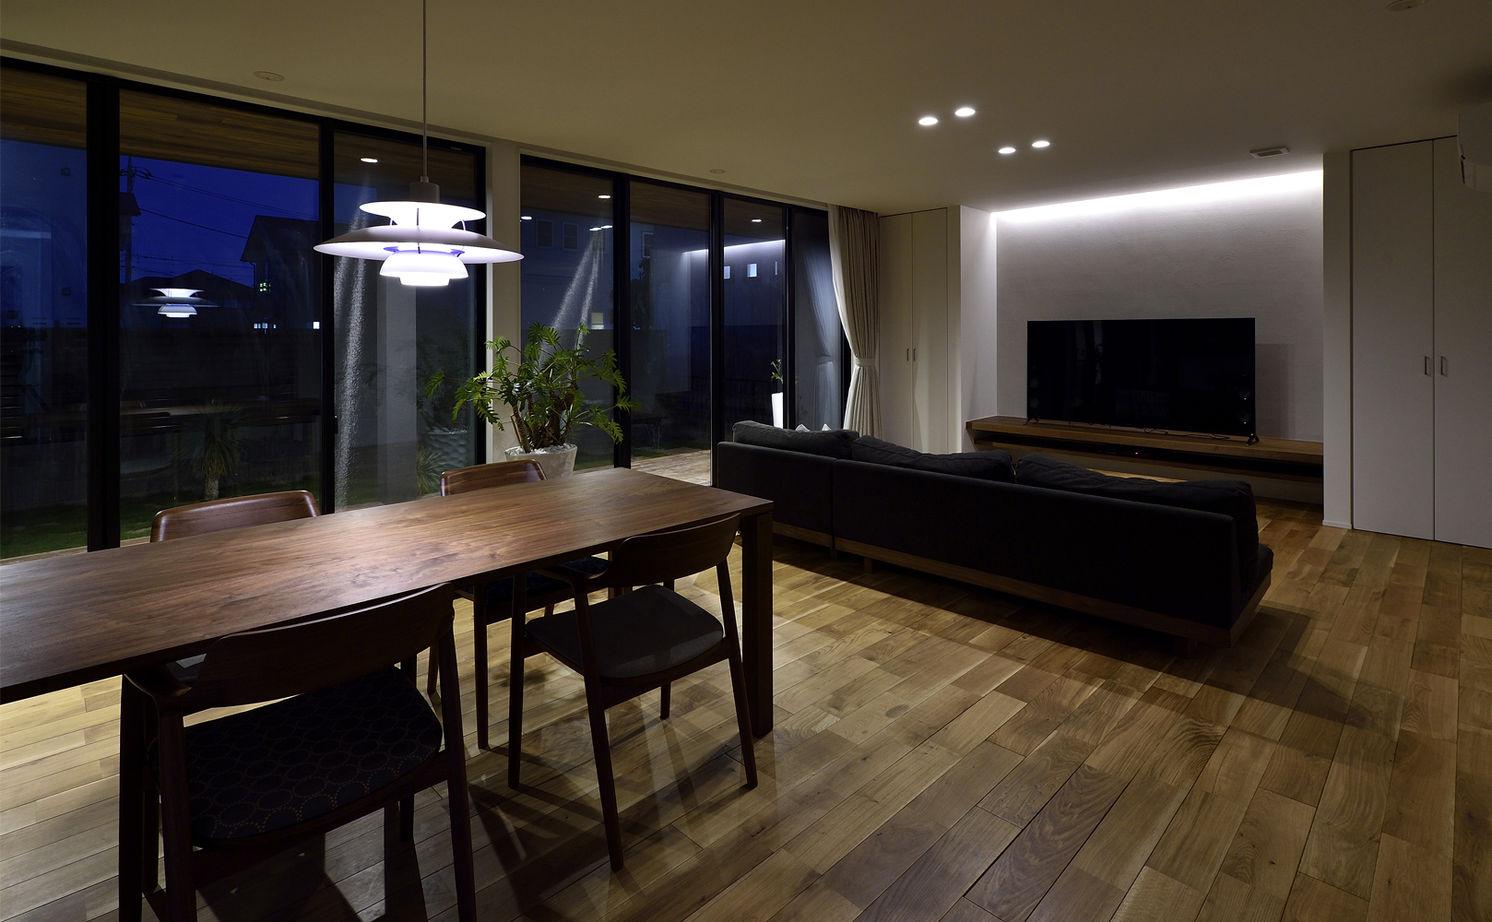 【平屋/シンプルモダン】シャープさの中に溶け込む素材の優しさが、寛ぎの空間を創り出すガレージのある家画像2